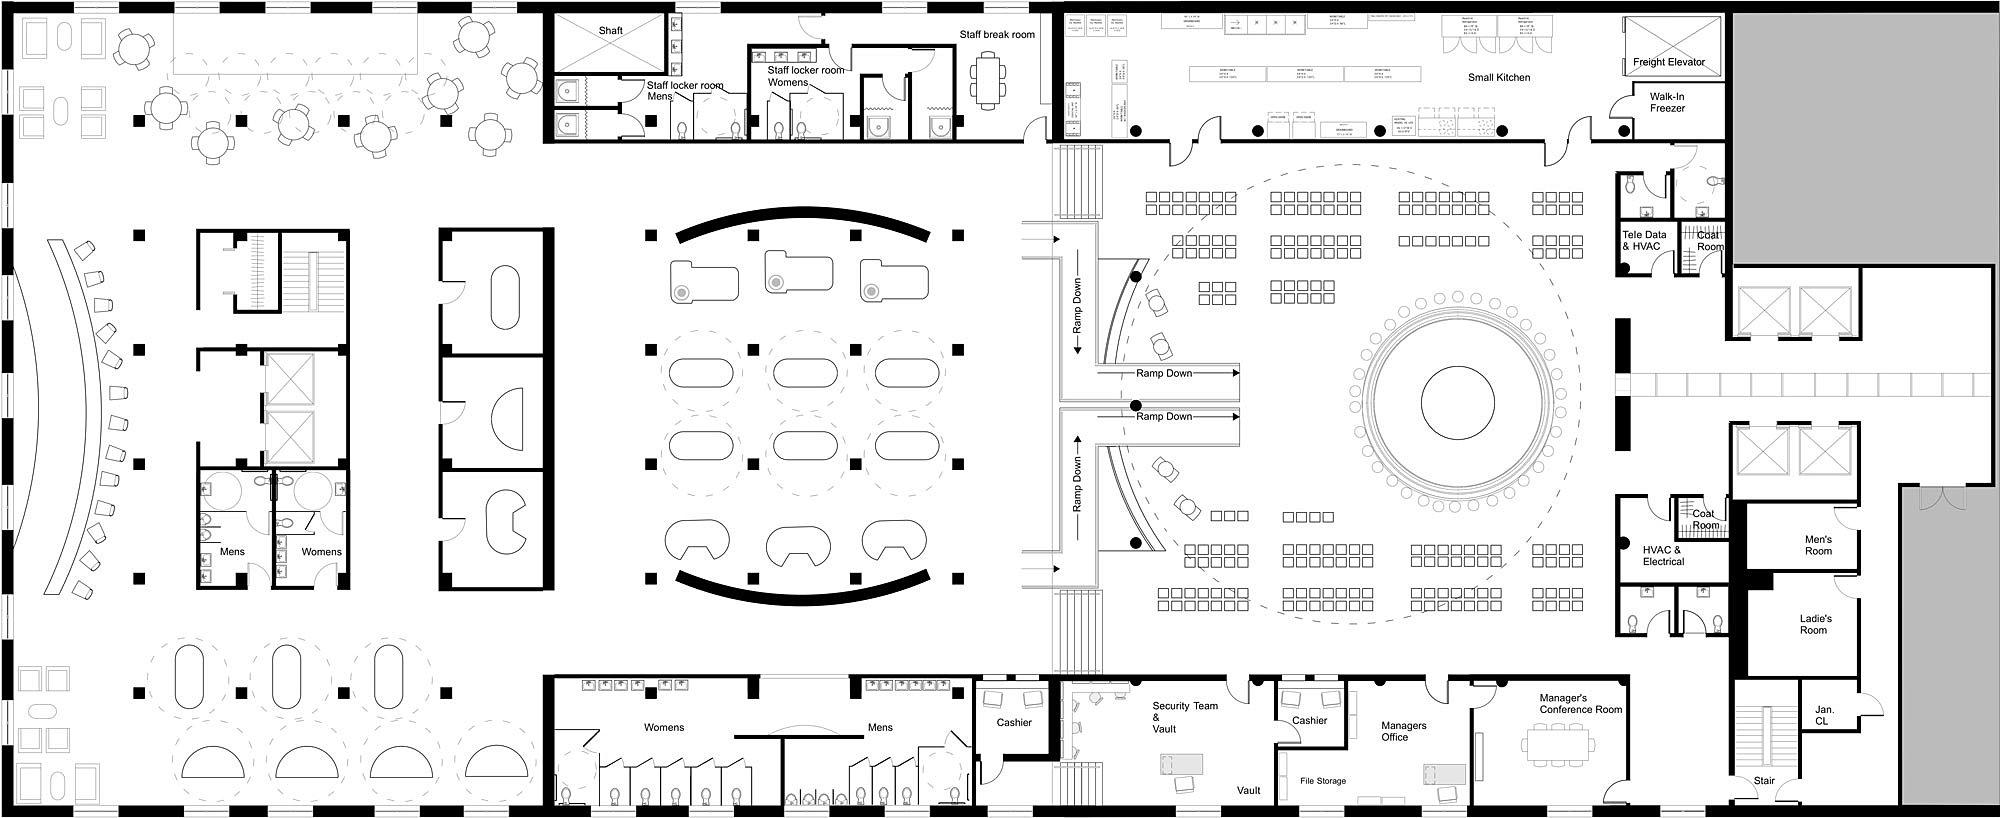 Liliansticco Casino Floor Plan